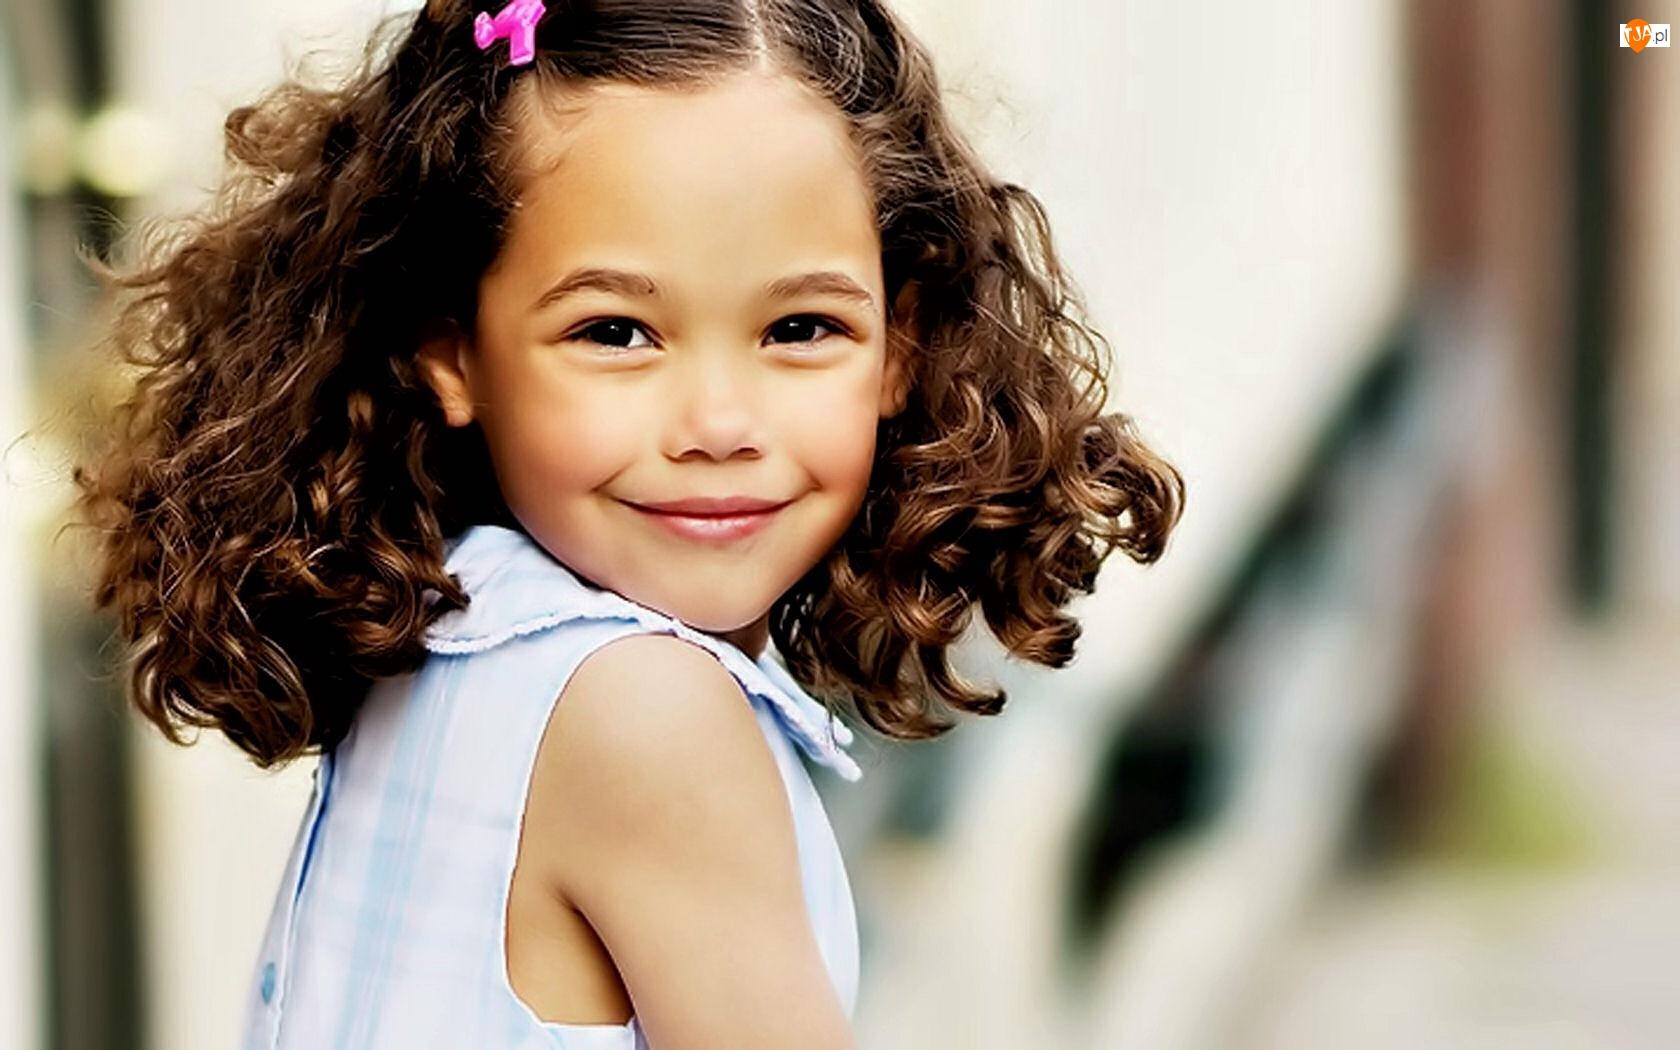 Uśmiech, Dziewczynka, Portret